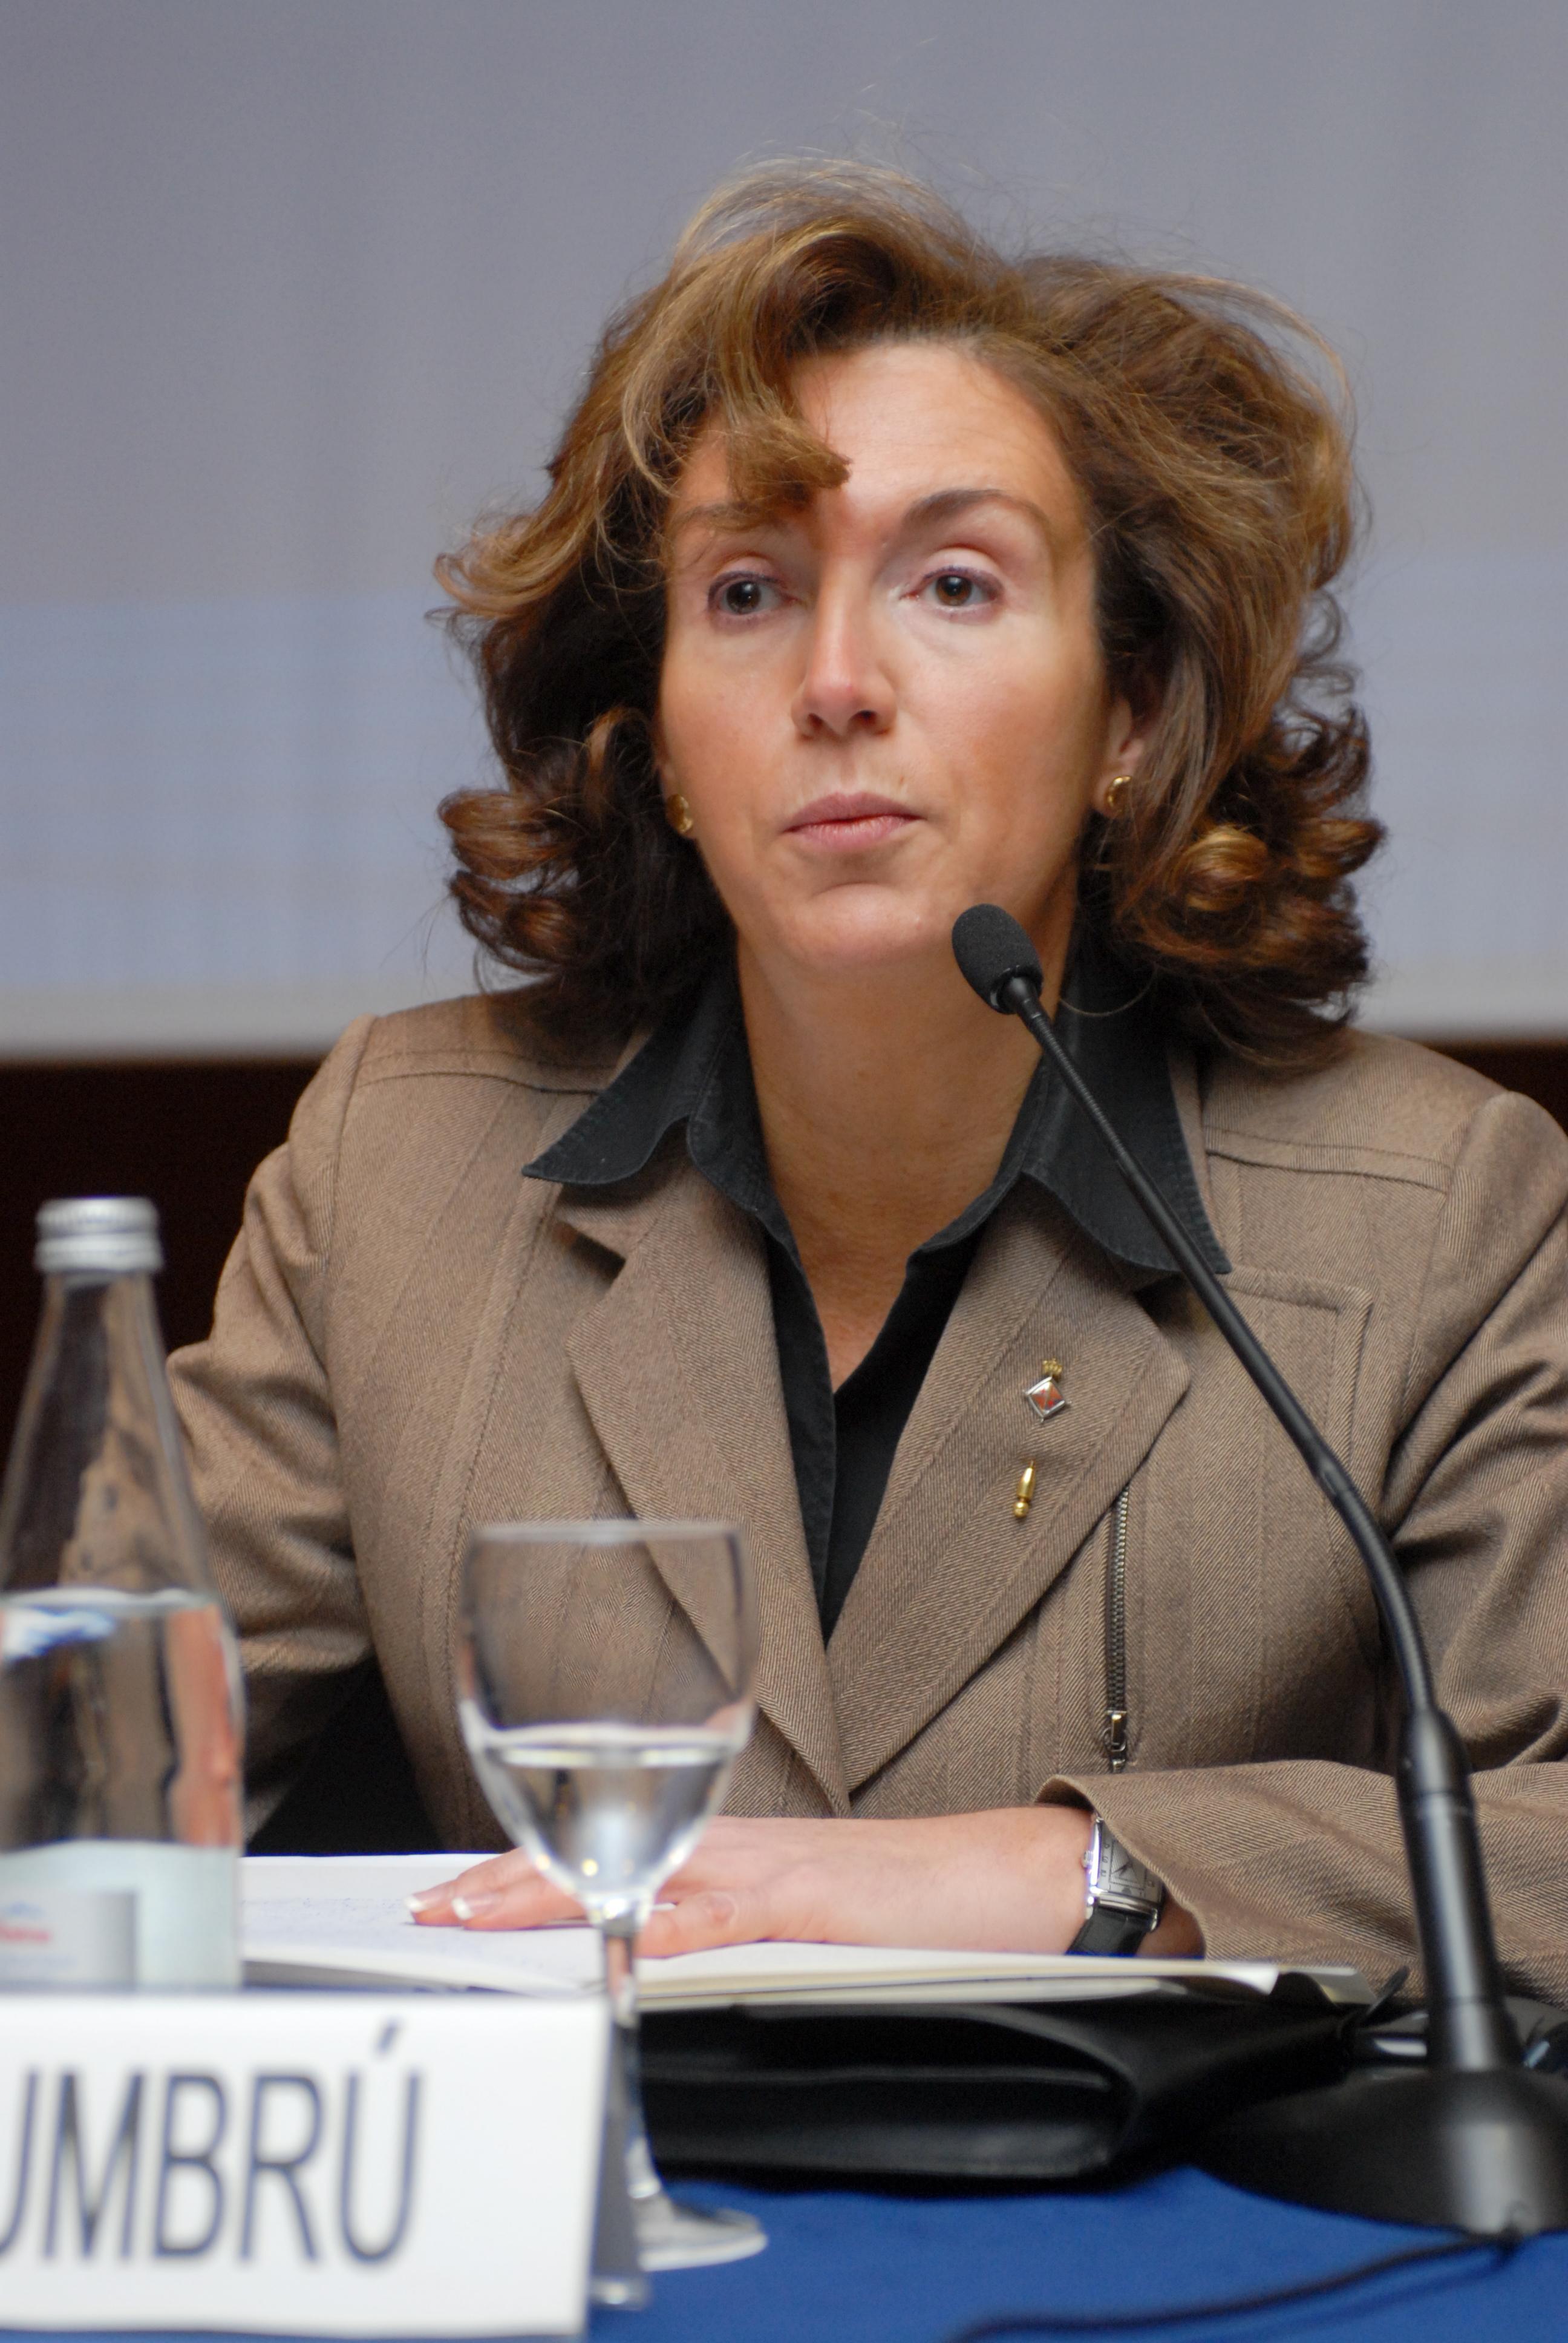 Gemma Mumbrú